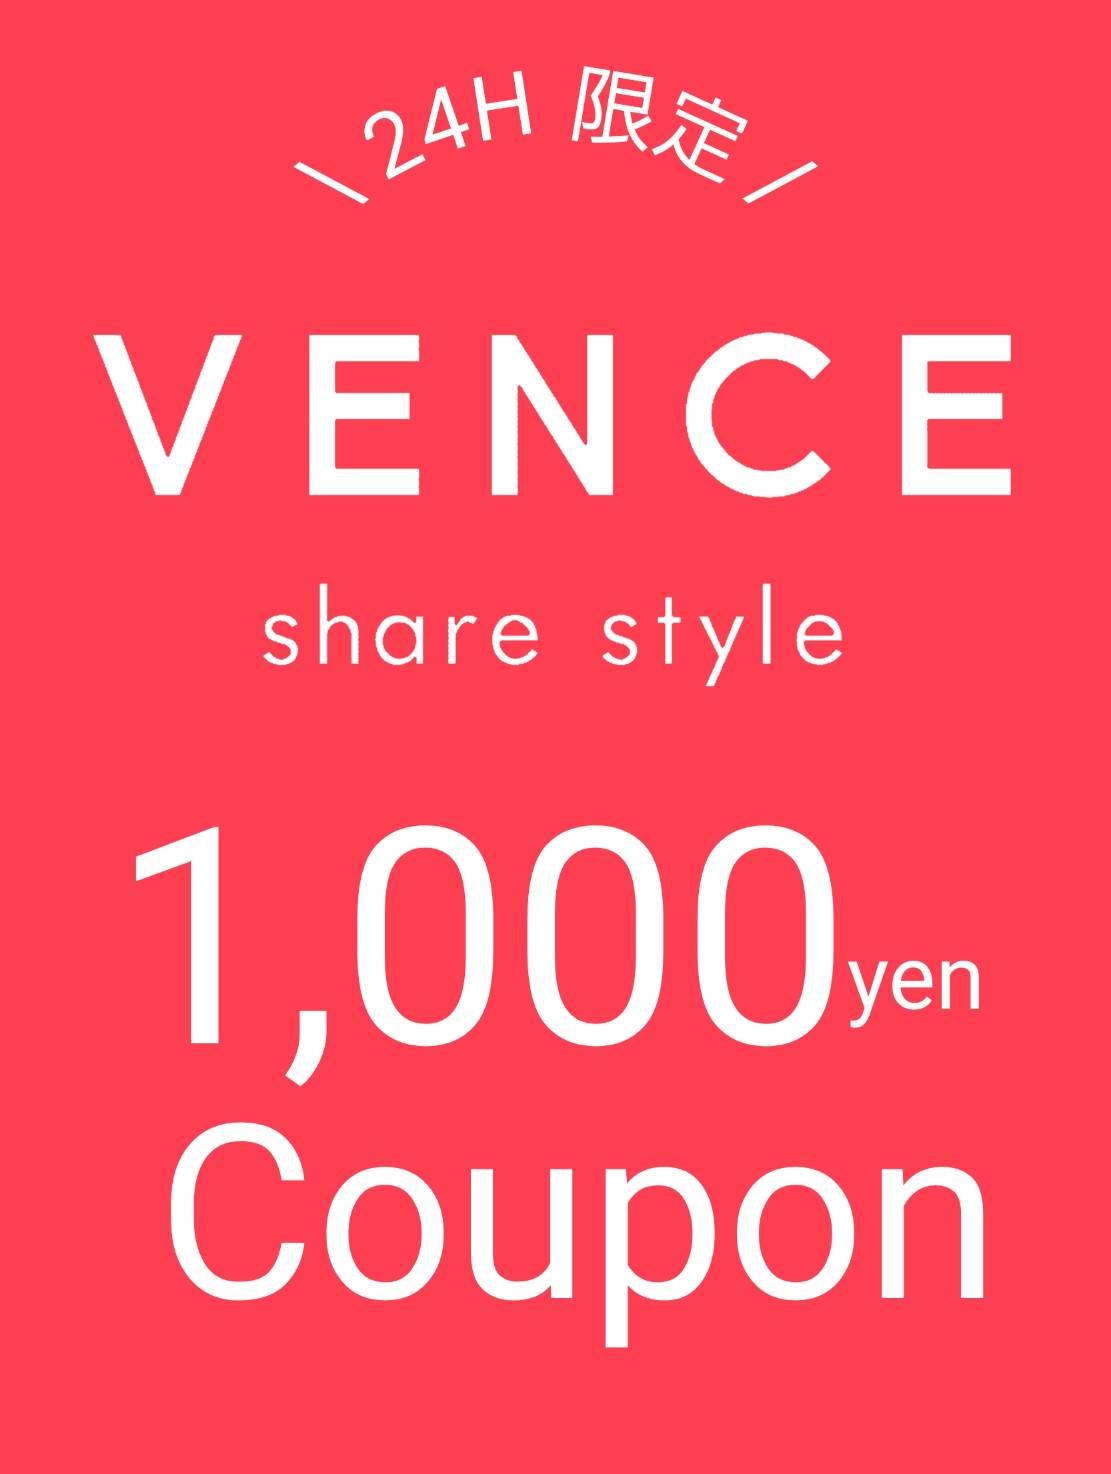 VENCE share style(ヴァンス シェアスタイル)のショップニュース「本日限定!1,000円OFFクーポン開催中」